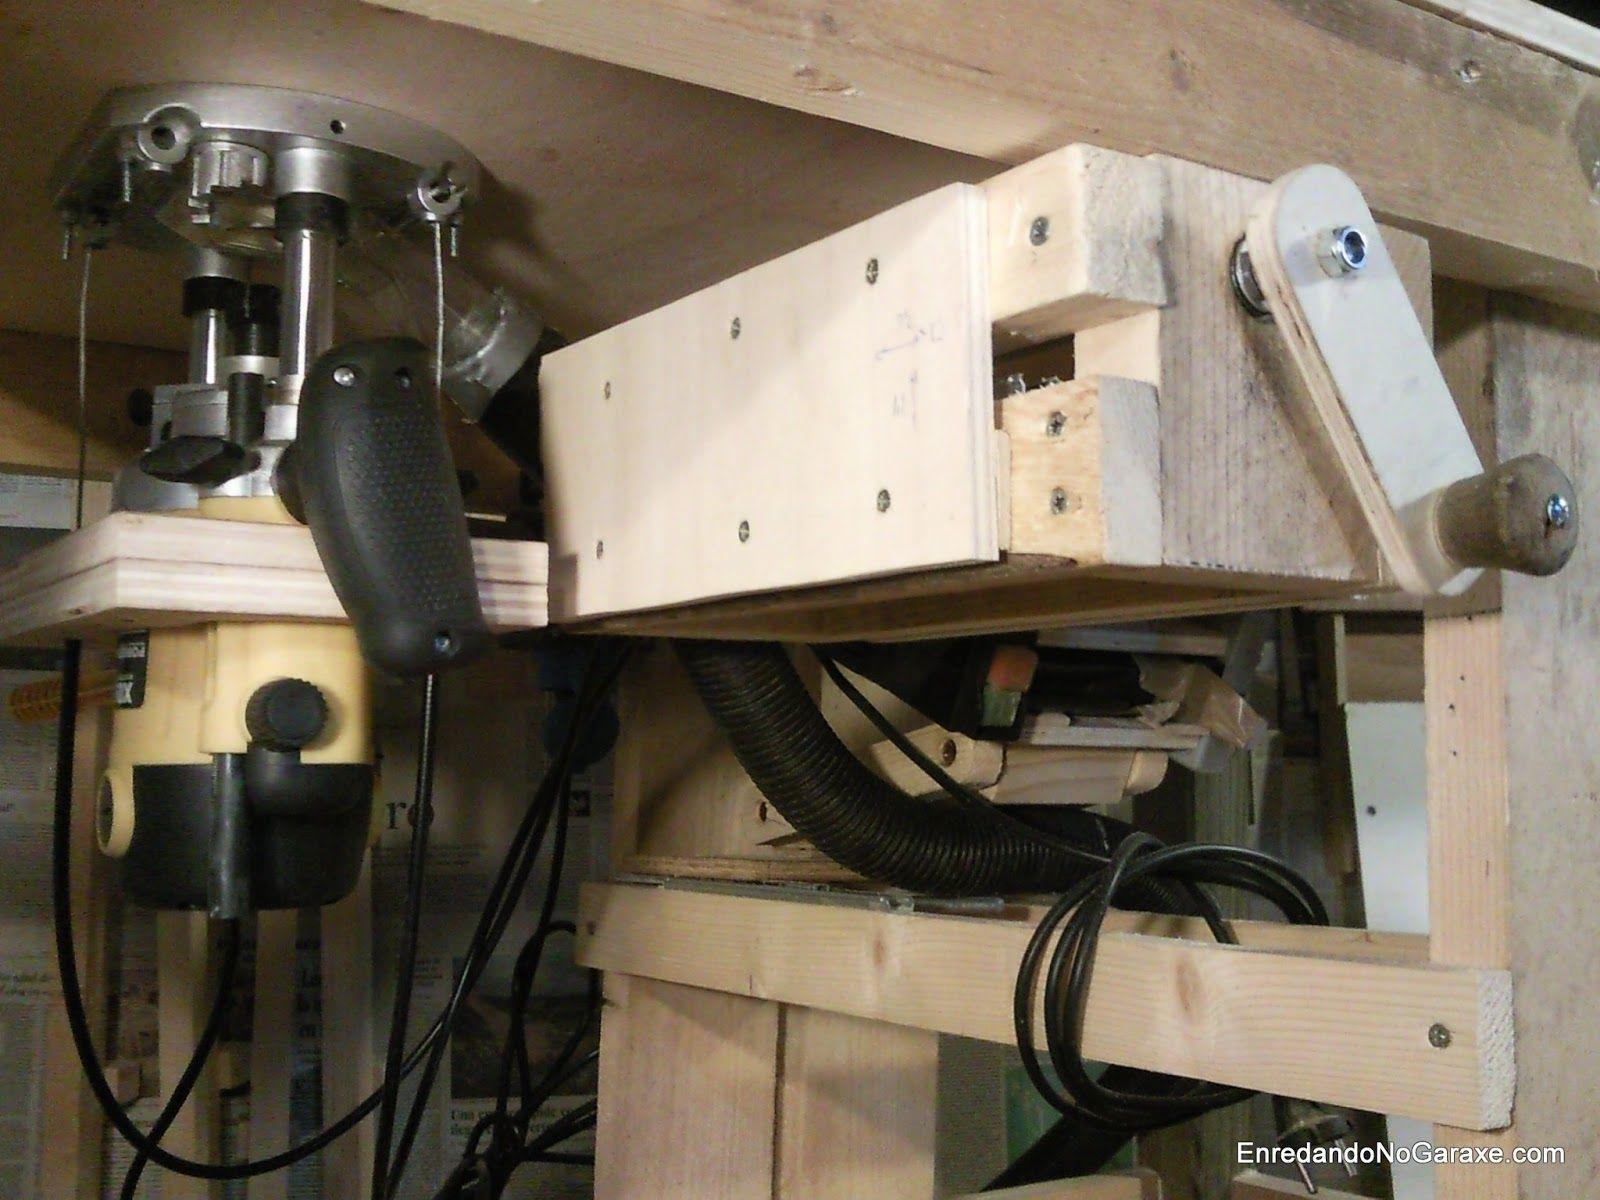 Mesa fresadora y sistema de elevación. enredandonogaraxe.club